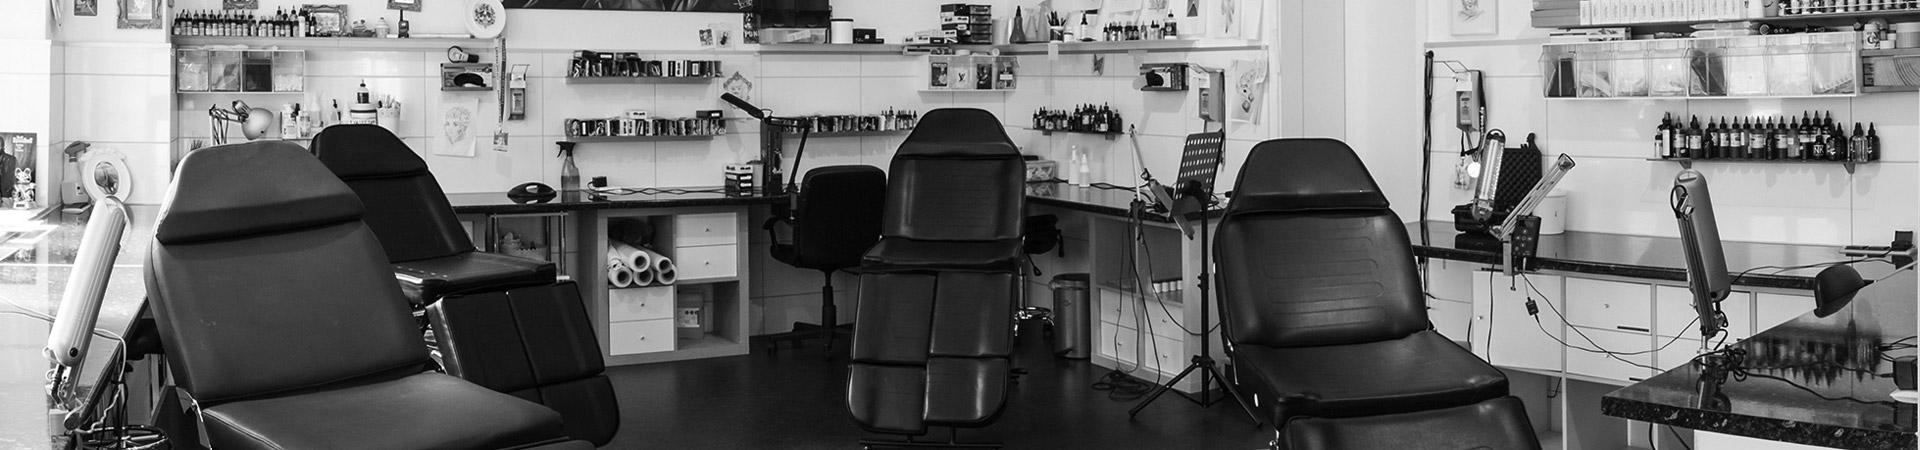 inkerei-piercingstudio-dresden